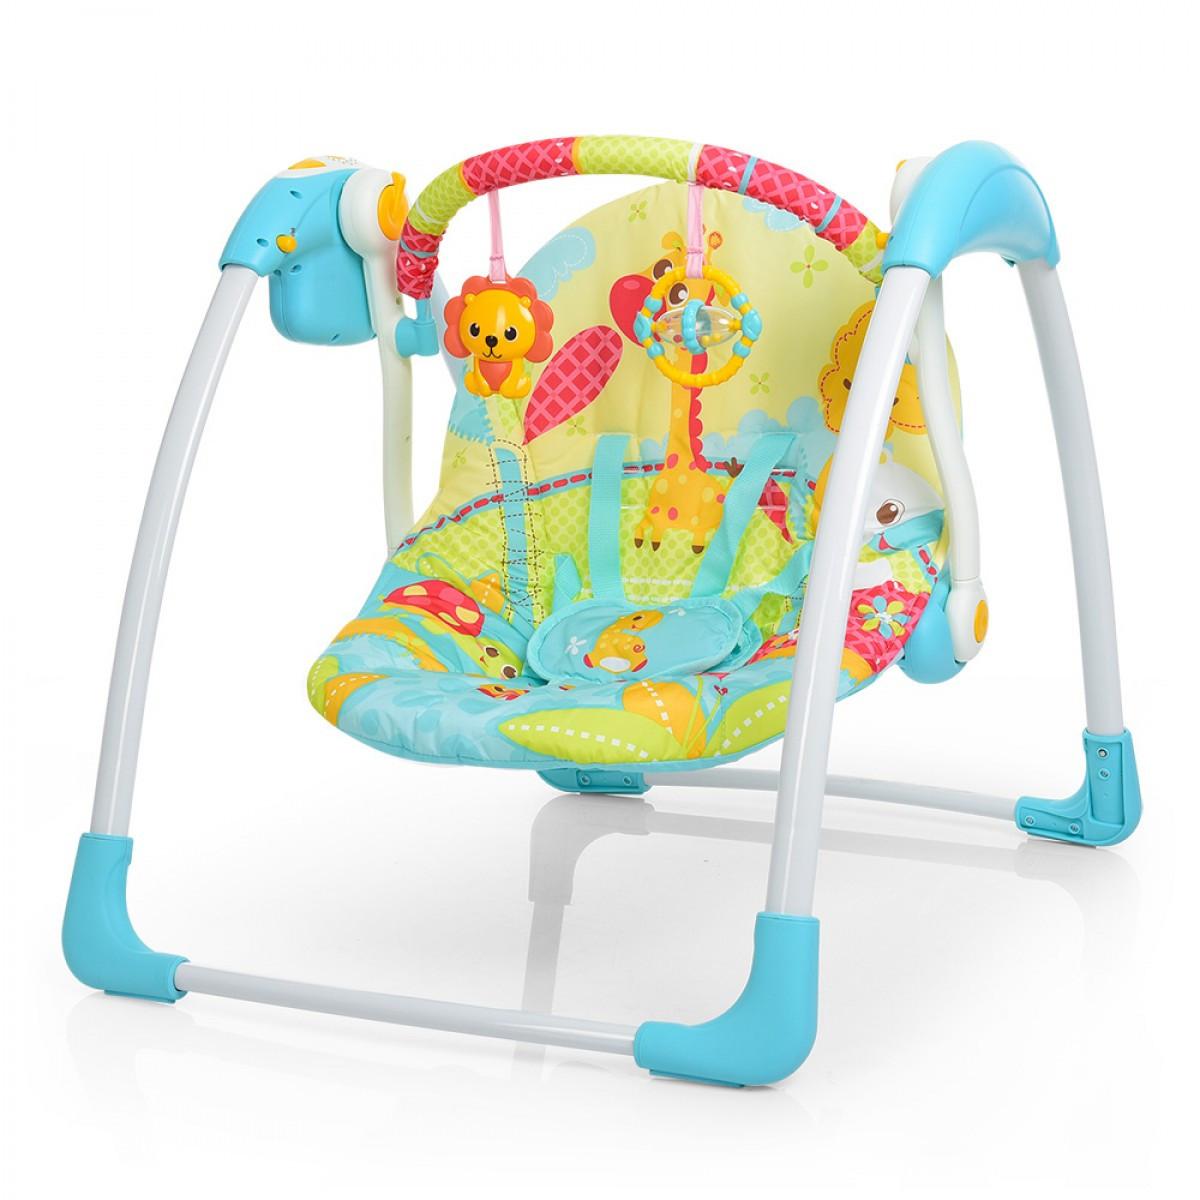 Качели детские электронные Голубой шезлонг для новорожденного мальчика Шезлонг для ребенка от 0 мес